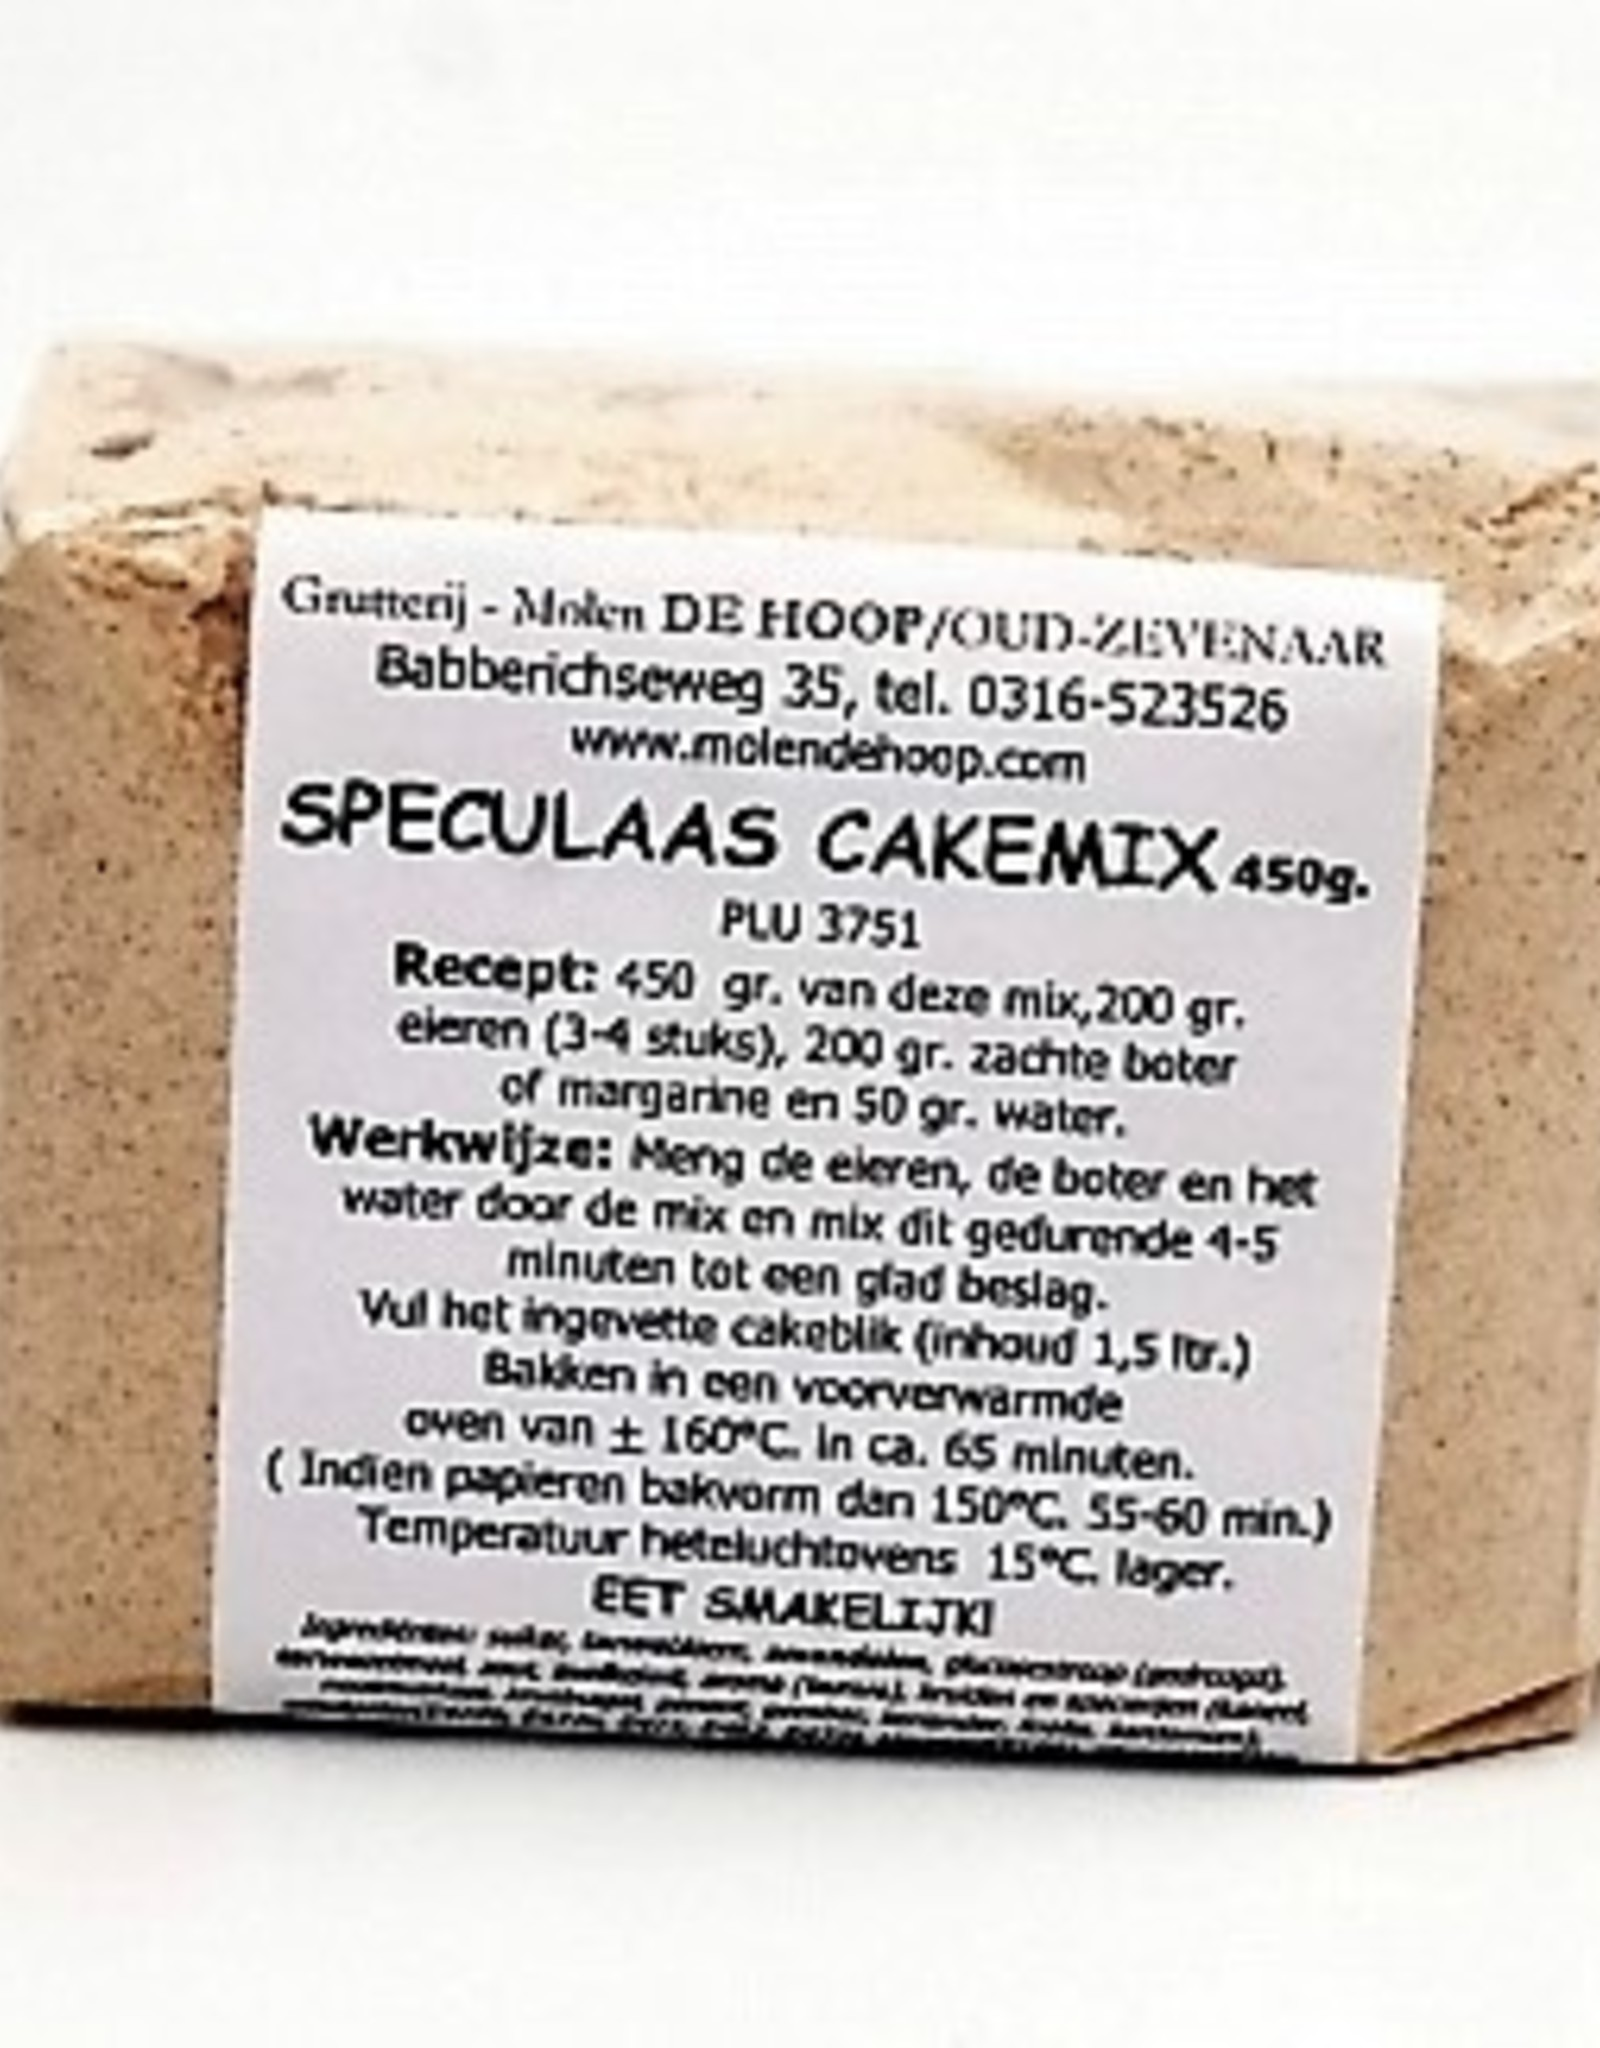 Grutterij Molen de Hoop Speculaas Cakemix